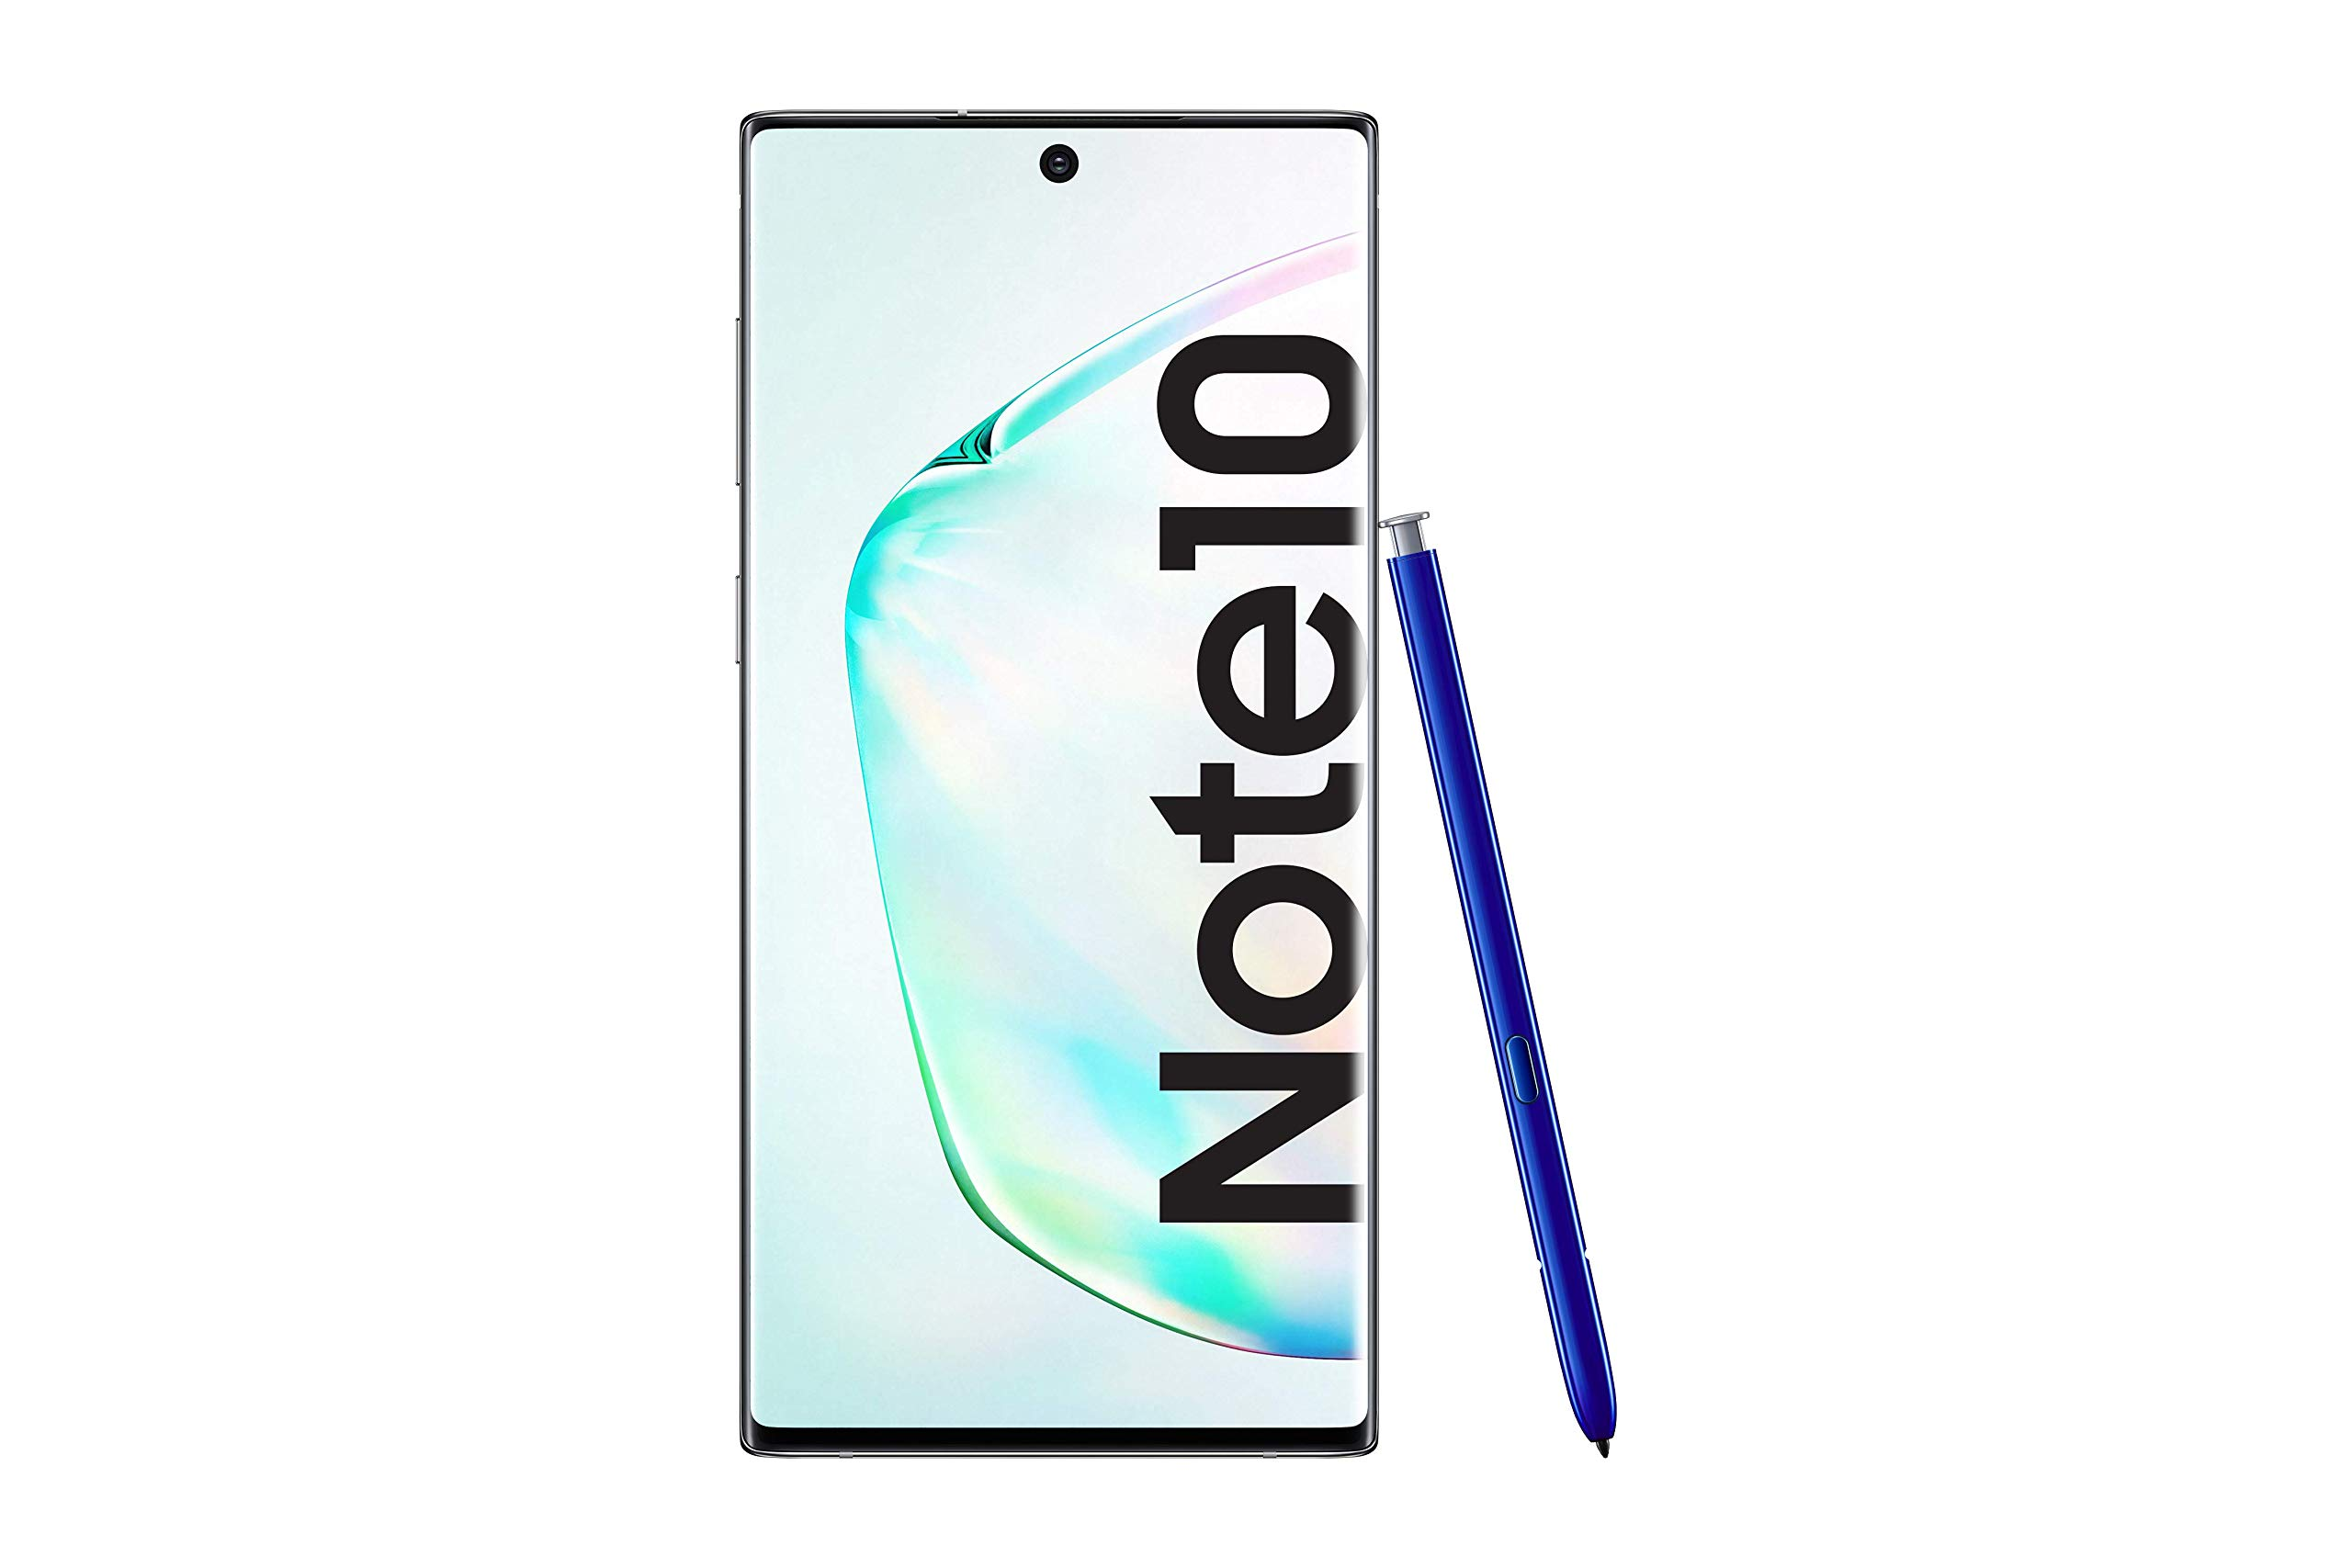 Samsung Galaxy Note10, Smartphone (Dual SIM, 8GB RAM, 256GB ...